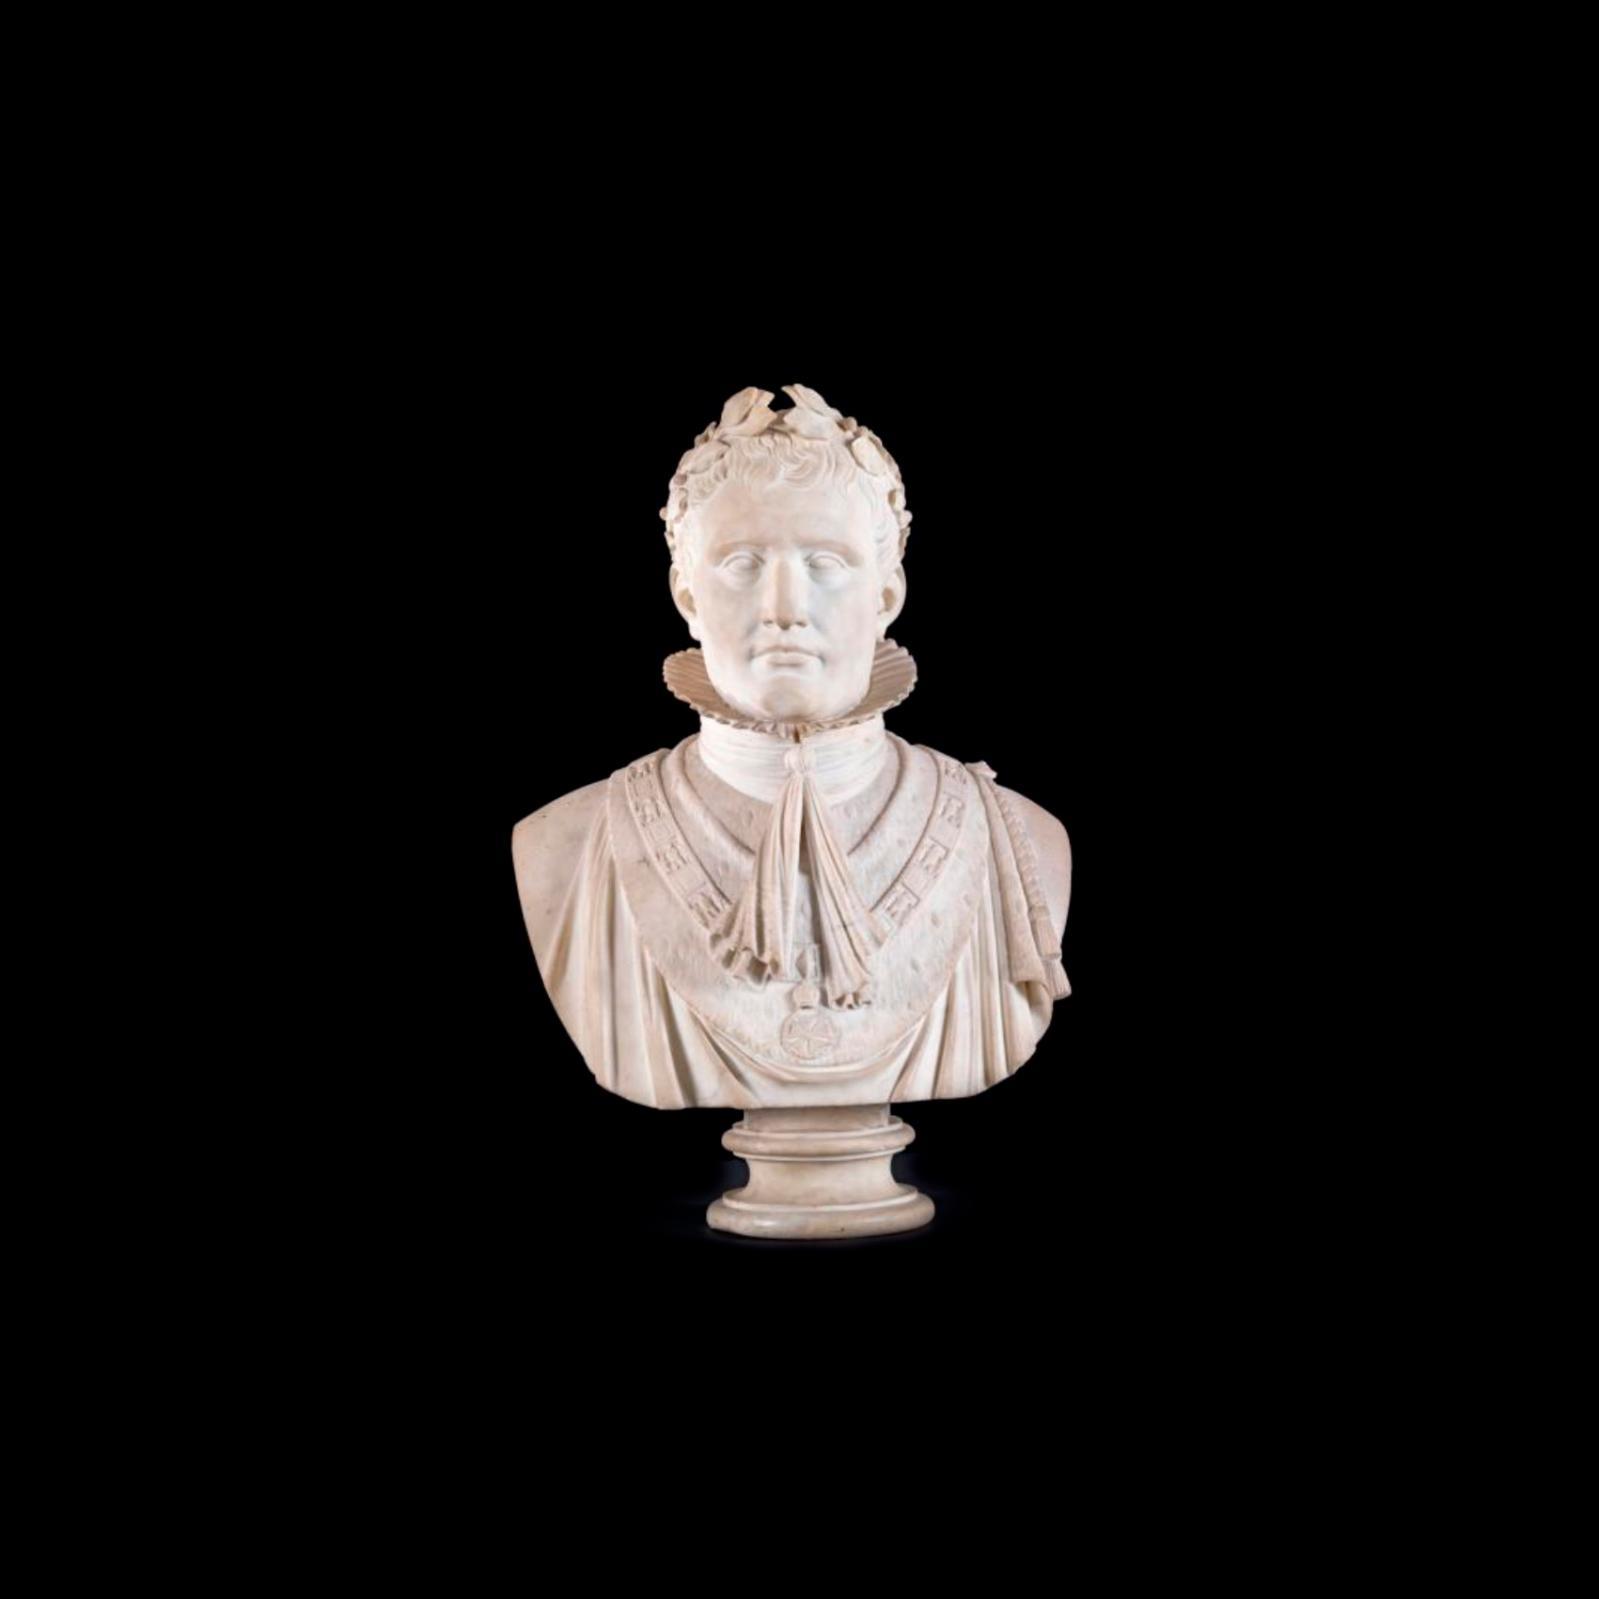 135000€ Buste de NapoléonIer en grand costume de sacre et coiffé de la couronne de lauriers (provenant des collections de Joseph Bonaparte), marbre